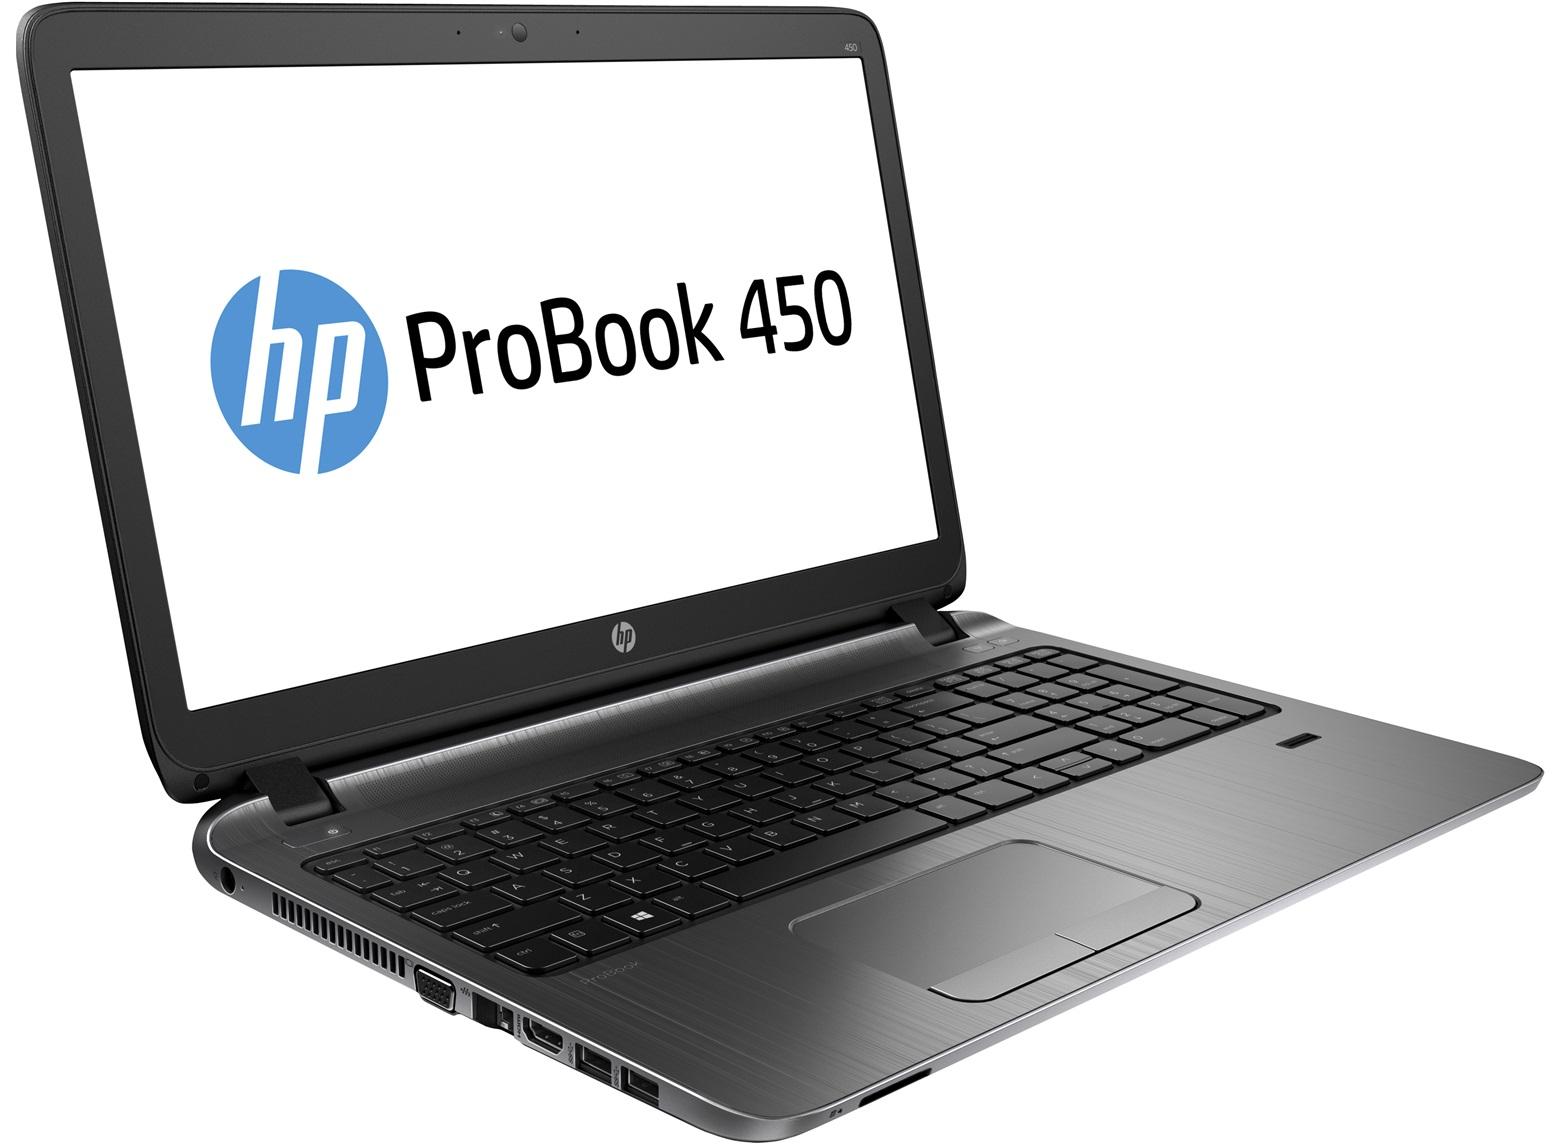 HP Probook 450 G2 - Chiến binh mạnh mẽ cho giới văn phòng. - 98343